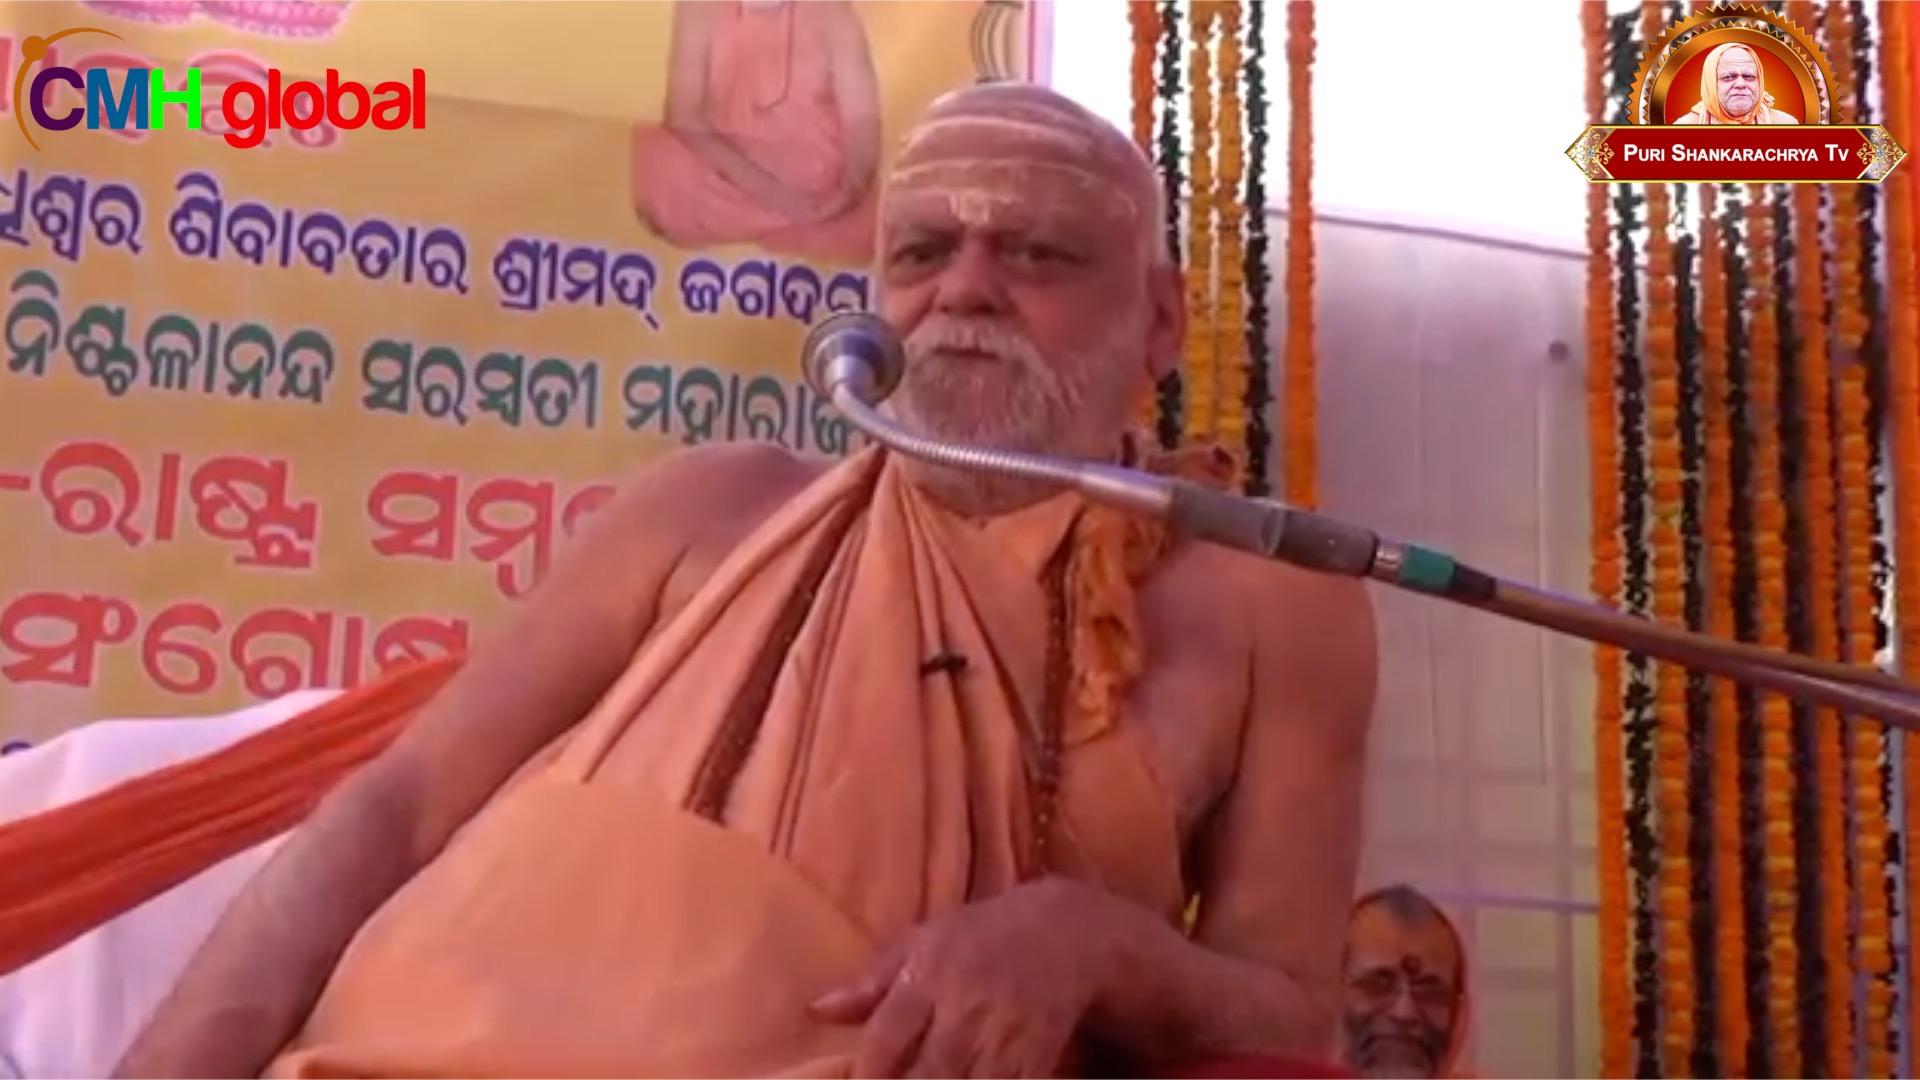 Gyan Dhara Ep -18 by Puri Shankaracharya Swami Nishchalananda Saraswati Ji